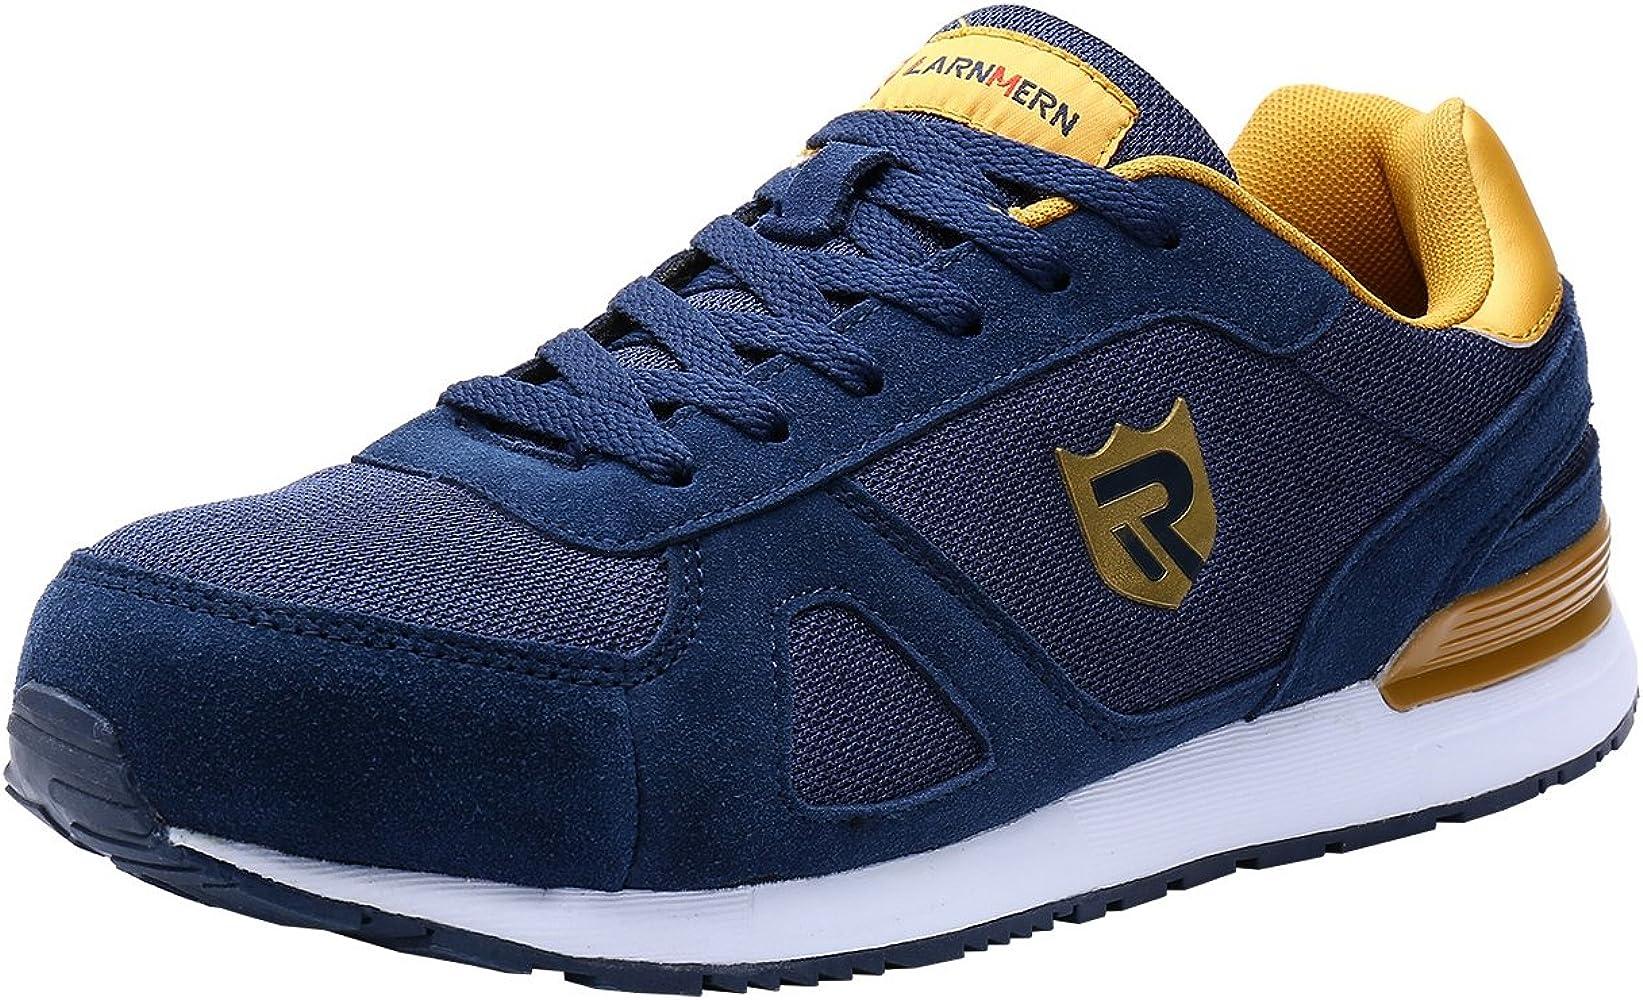 LARNMERN Zapatos de Seguridad Hombre Mujer con Puntera de Acero Zapatilla, Antideslizante ESD Comodos Calzado de Trabajo Industrial (Azul 42.5 EU): Amazon.es: Zapatos y complementos